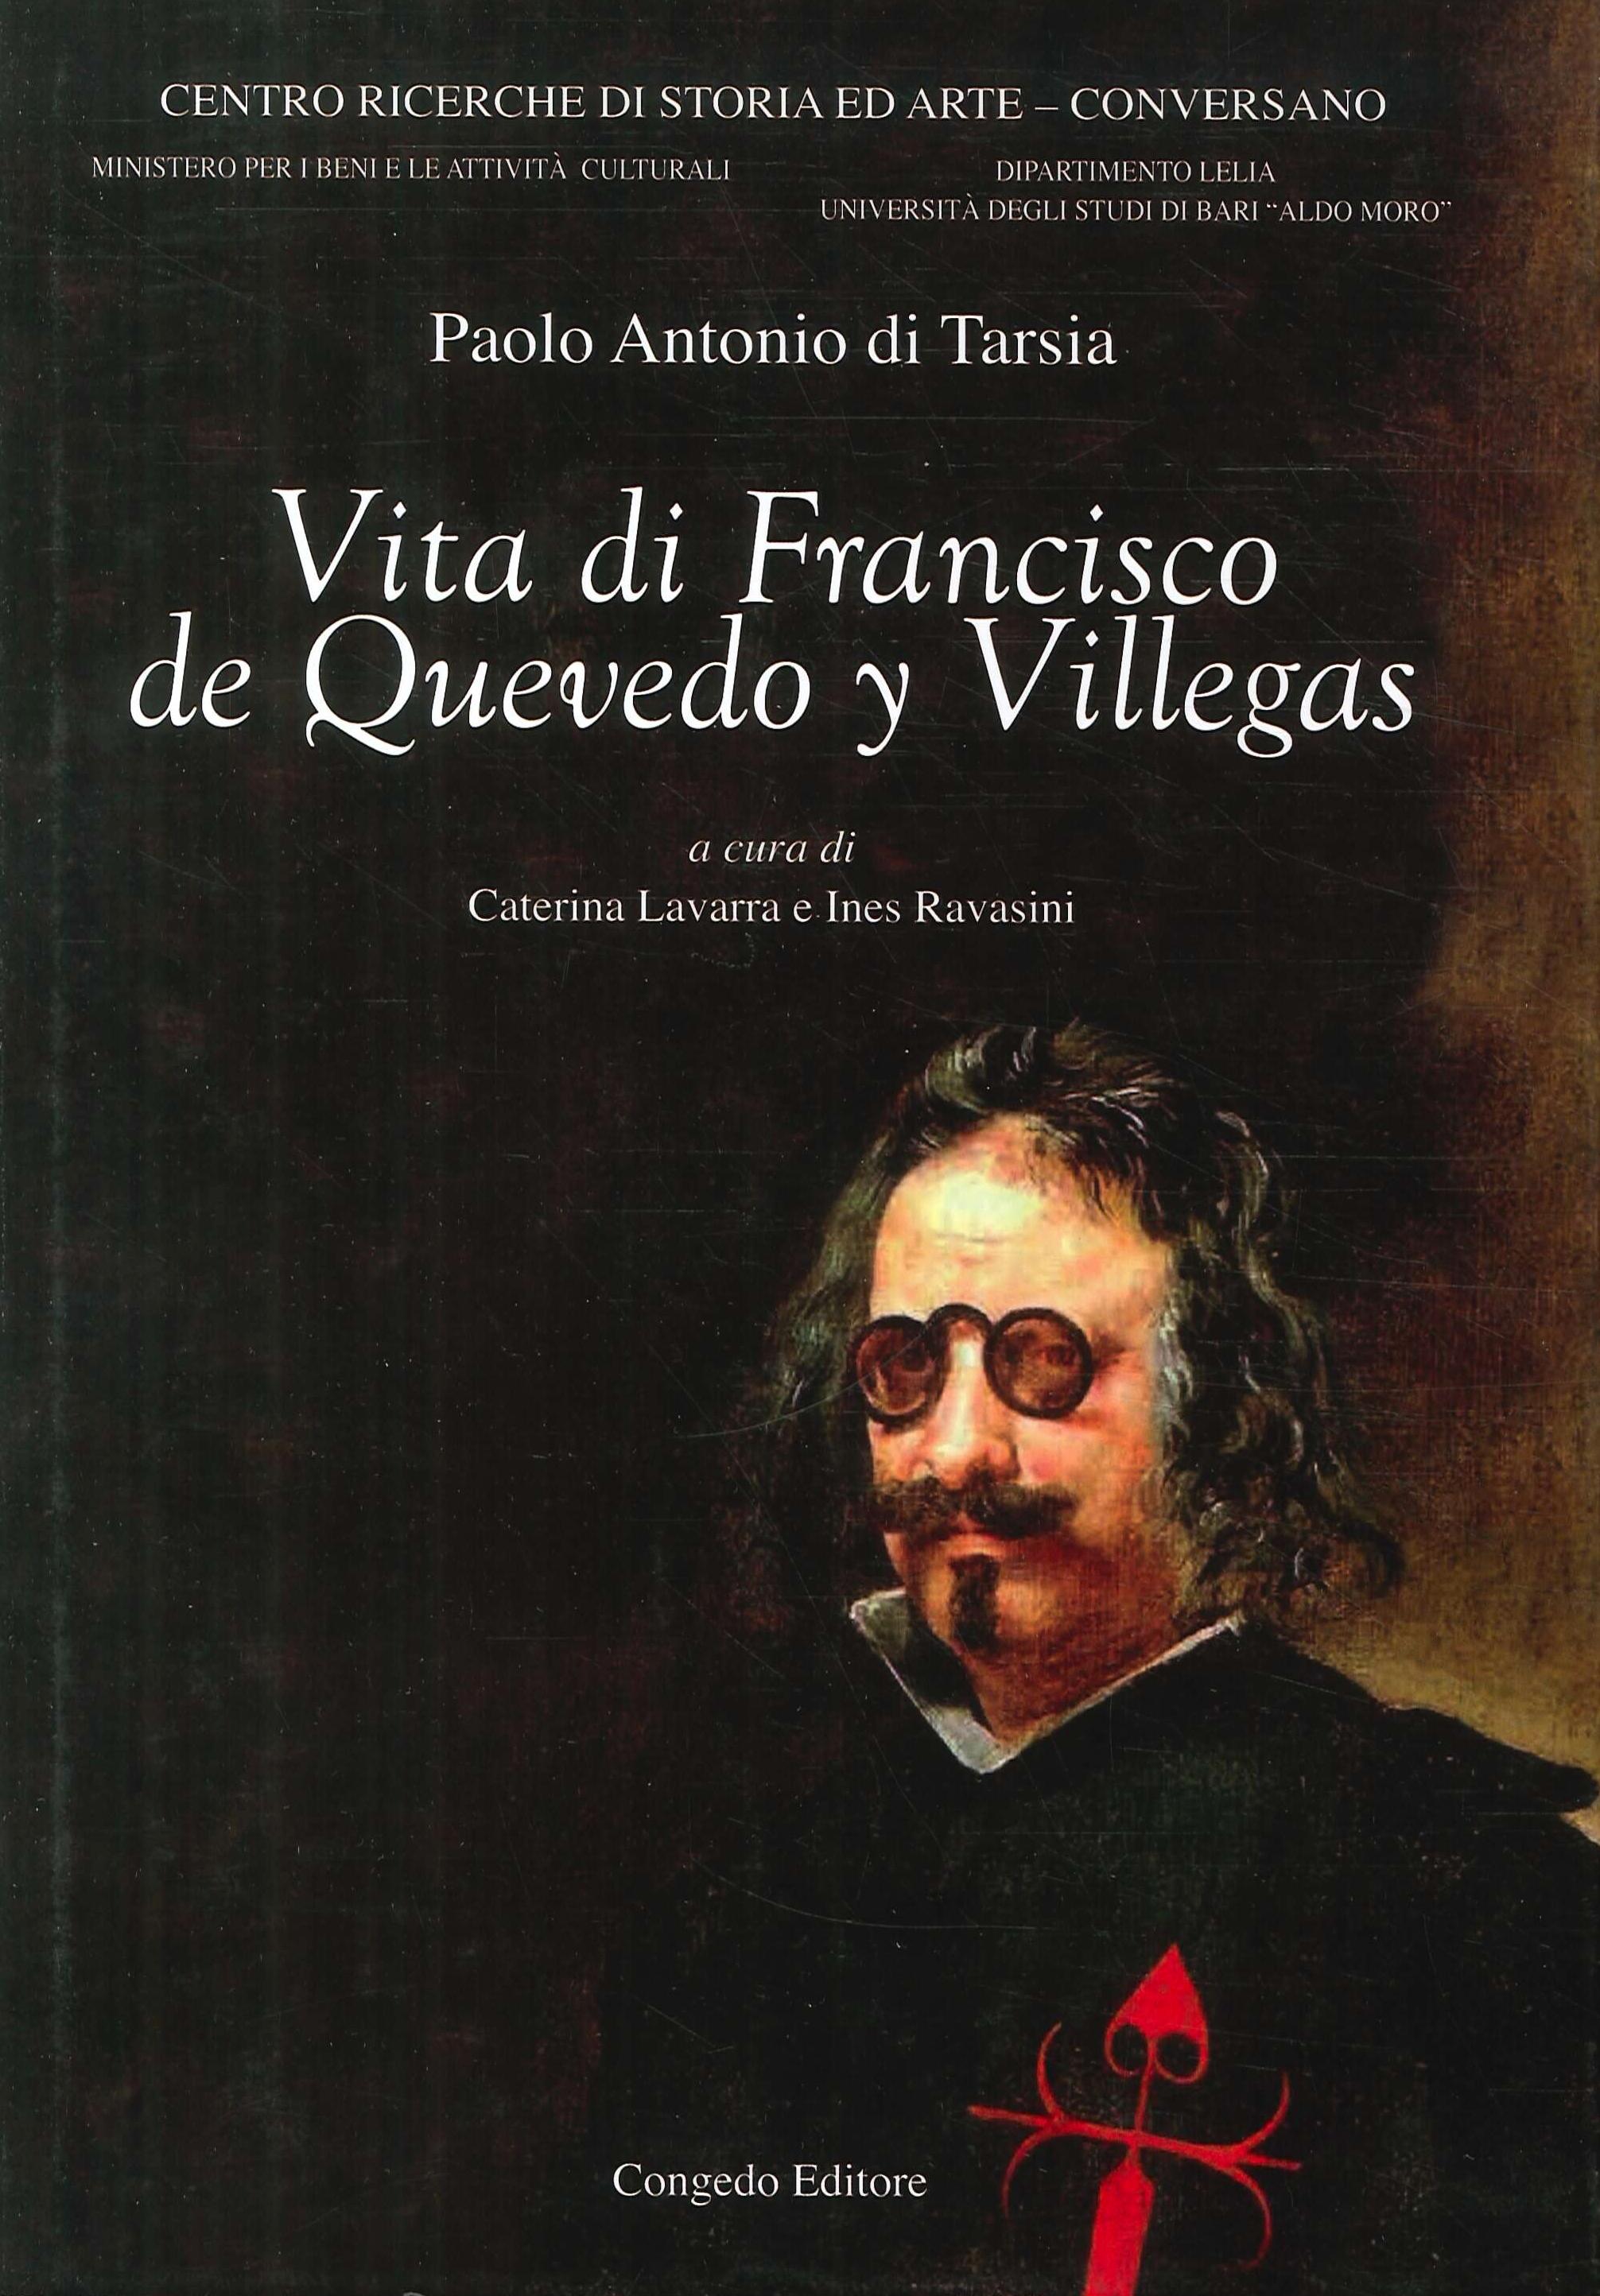 Vita di Francisco De Quevedo Y Villegas